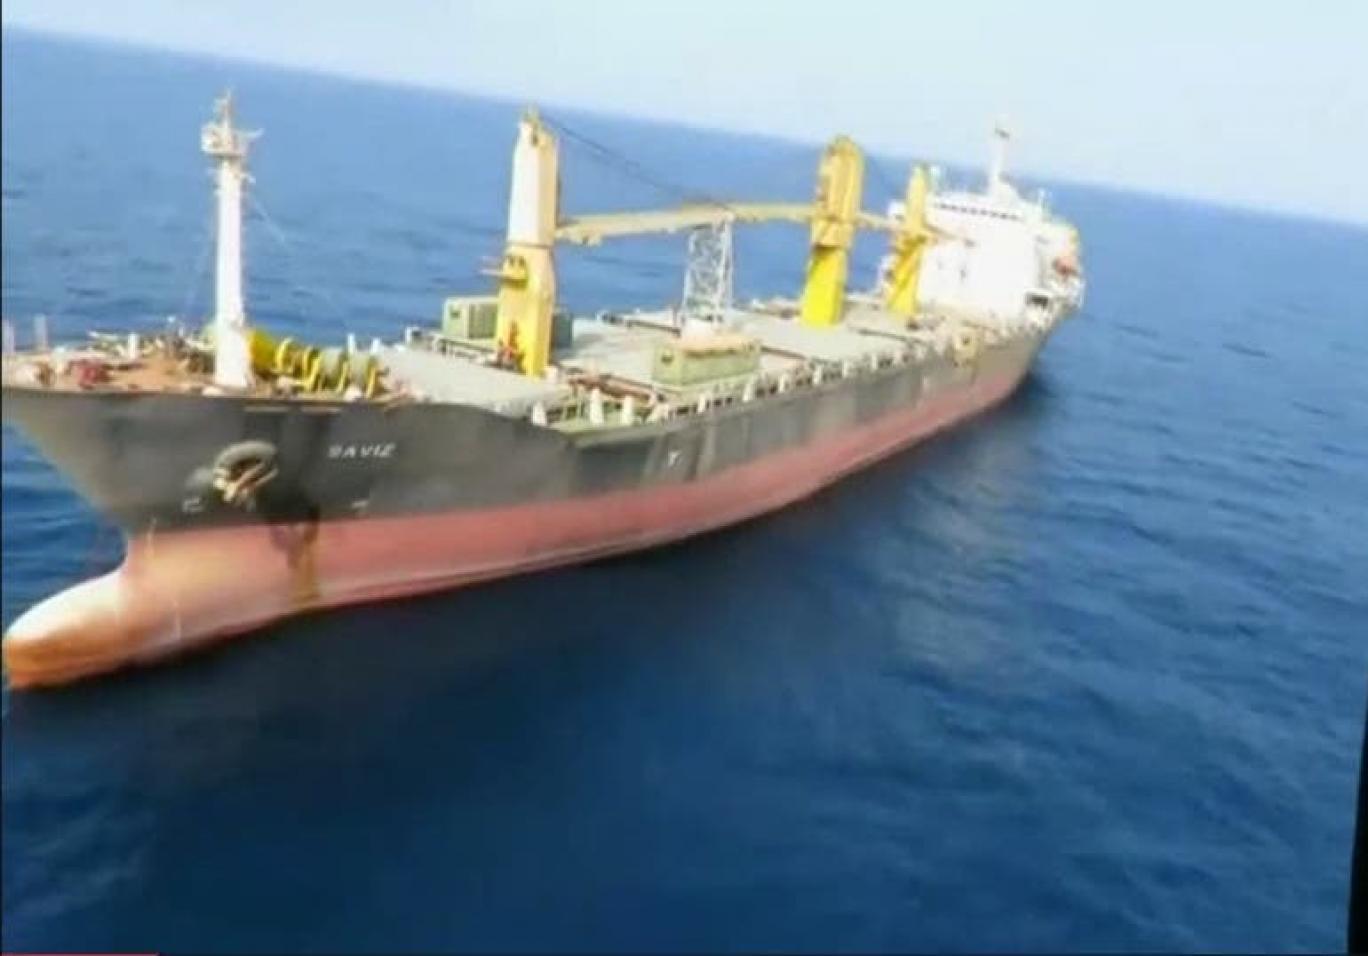 اسرائیل، حمله به کشتی ایرانی را به آمریکا خبر داده بود